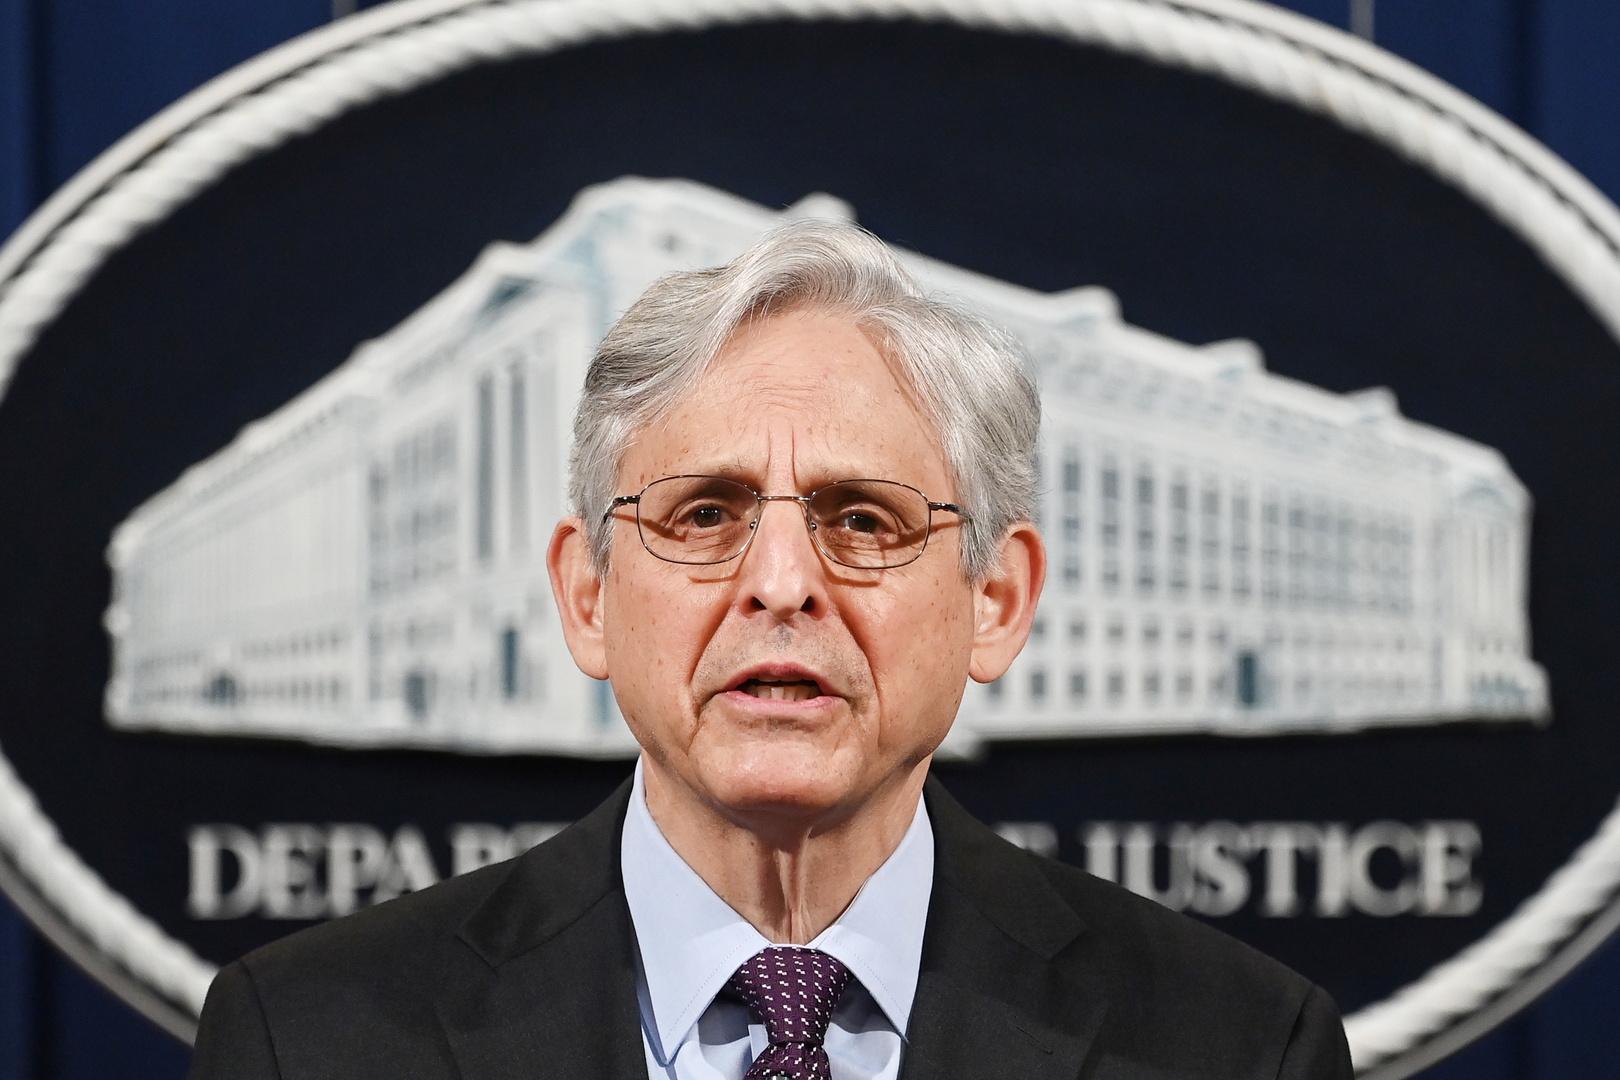 وزير العدل الأمريكي: زيادة الإرهاب الداخلي في الولايات المتحدة